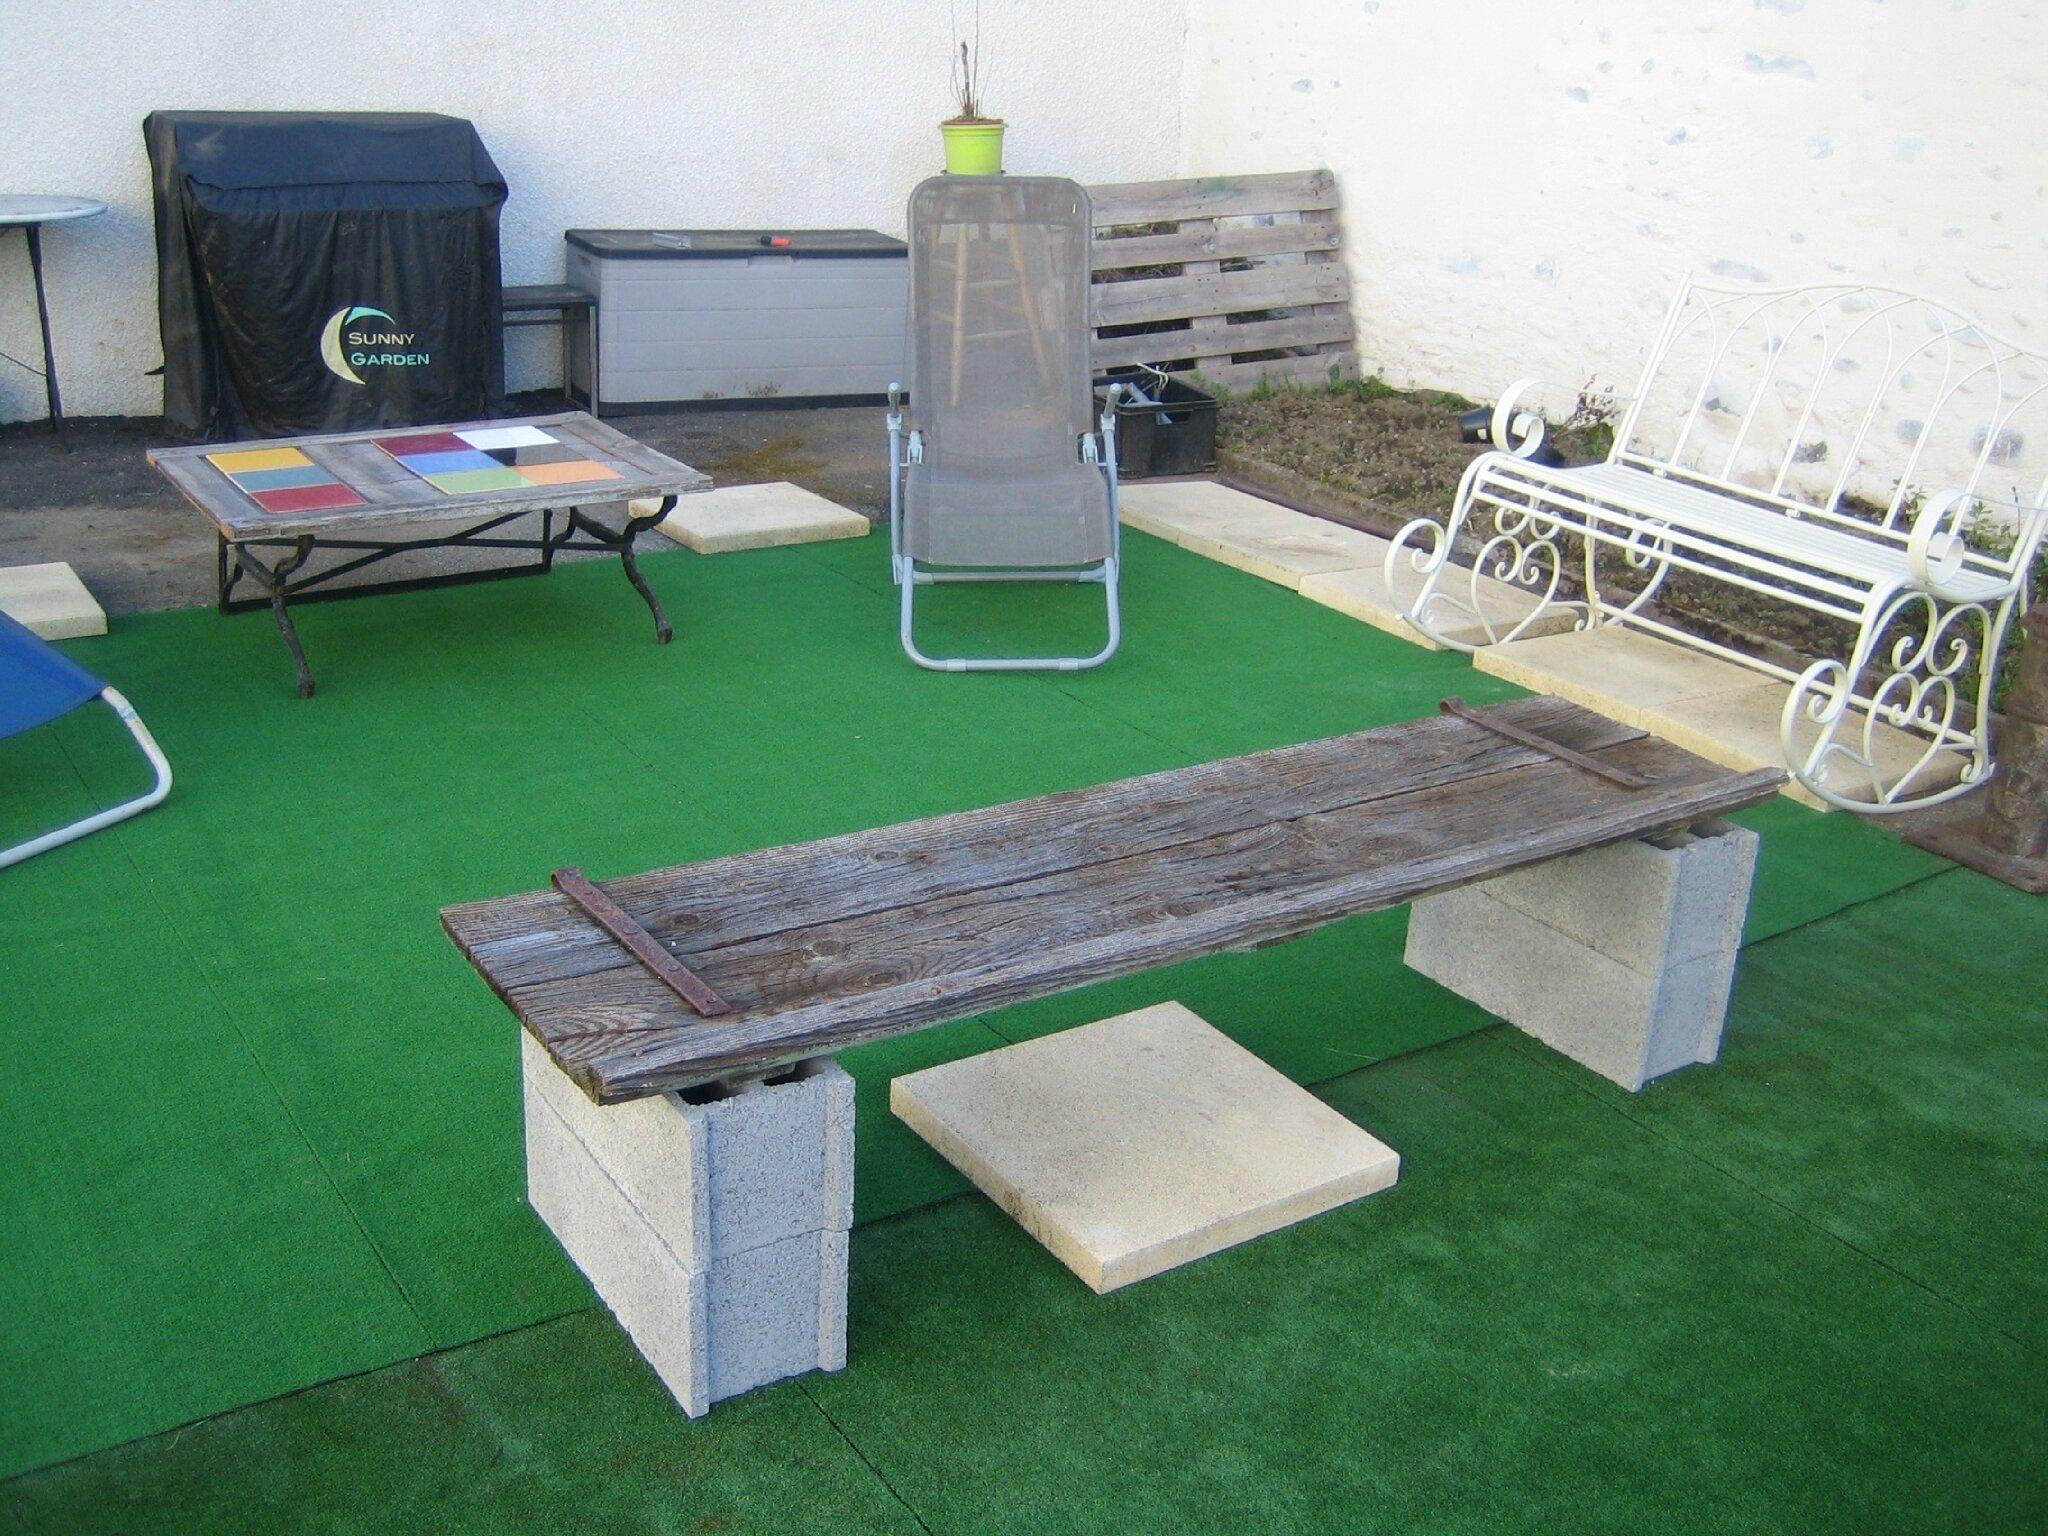 Table Basse Avec Parpaing printemps - bienvenue chez nous